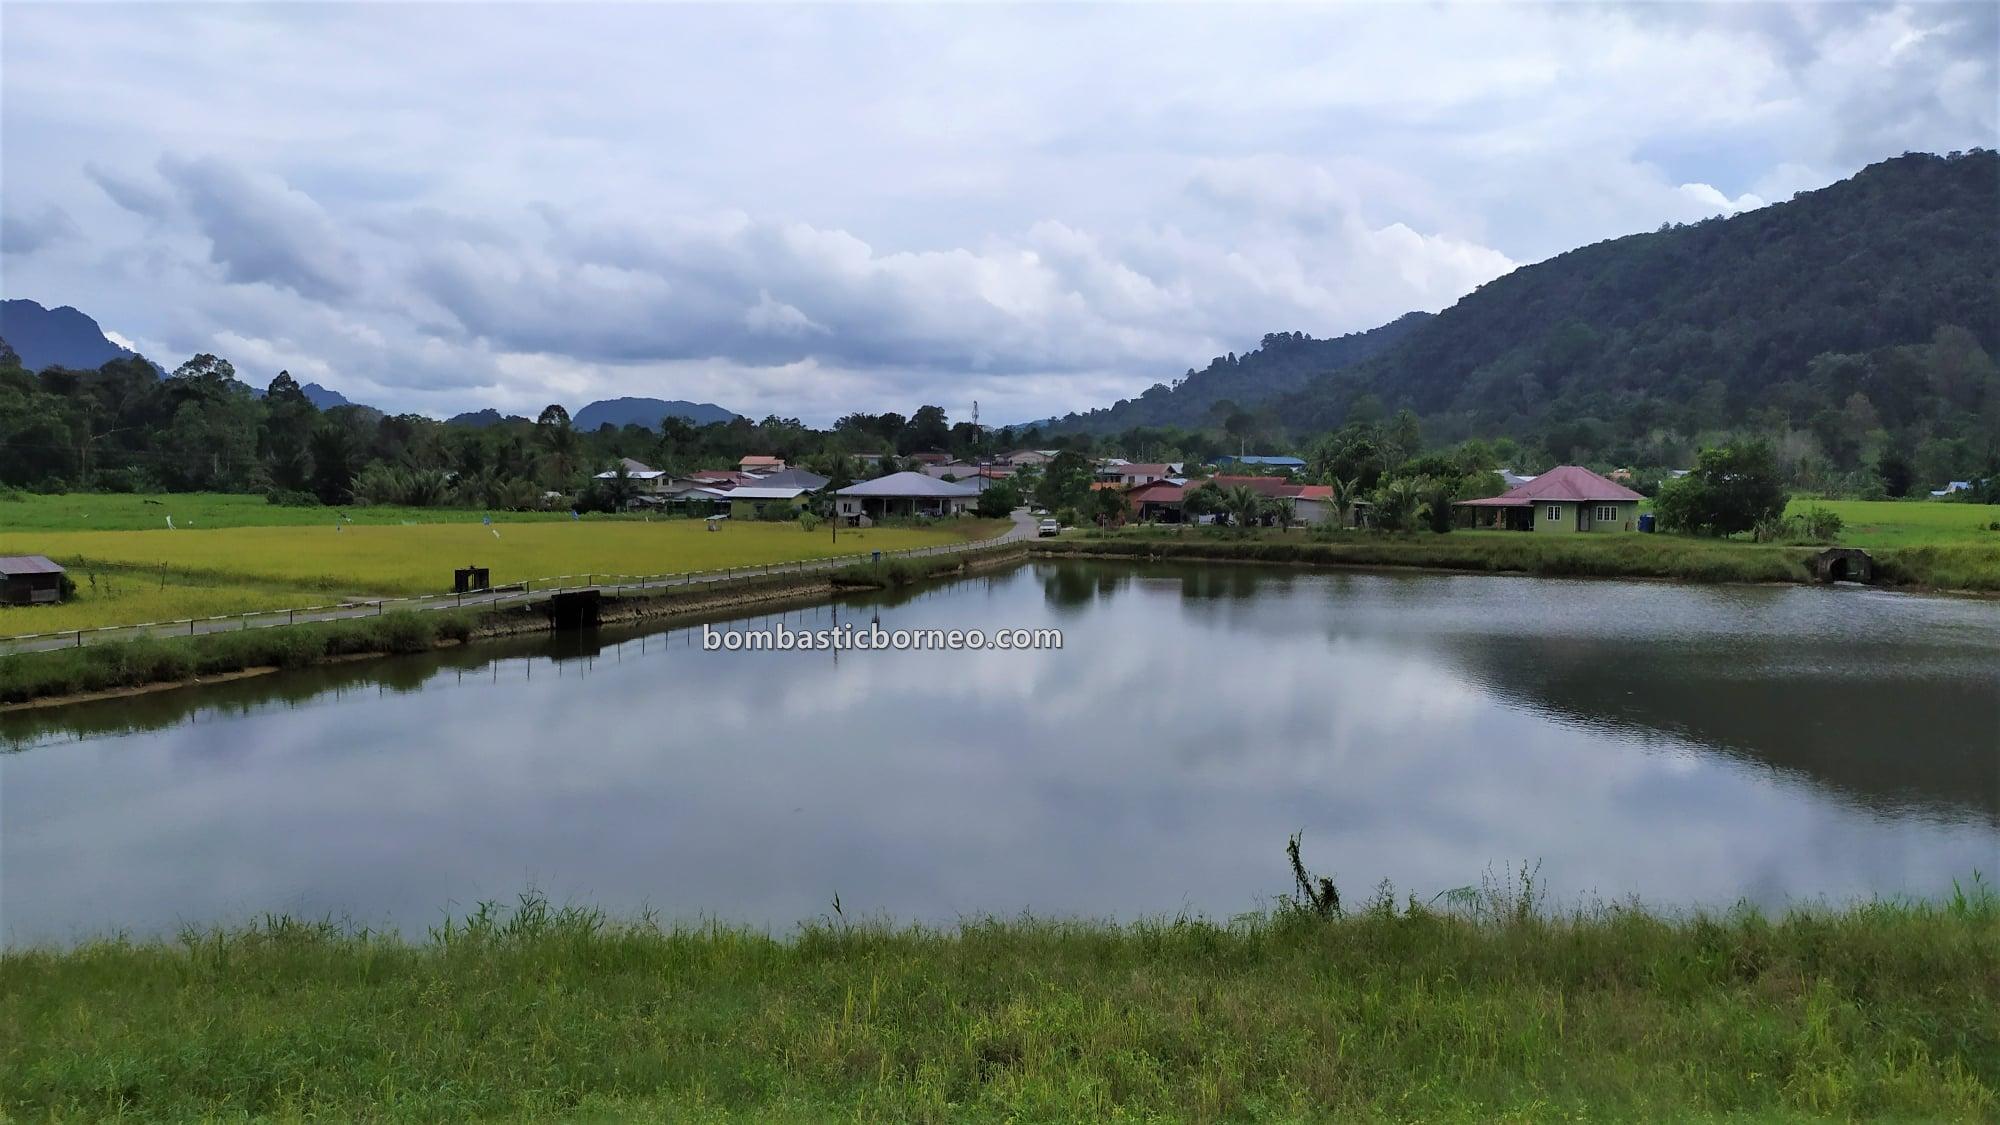 Sawah Padi, Village, Dayak Bidayuh, Siburan, Serian, Malaysia, destination, nature, objek wisata, Tourism, travel guide, Borneo, 穿越婆罗洲游踪, 马来西亚西连, 砂拉越稻米之乡